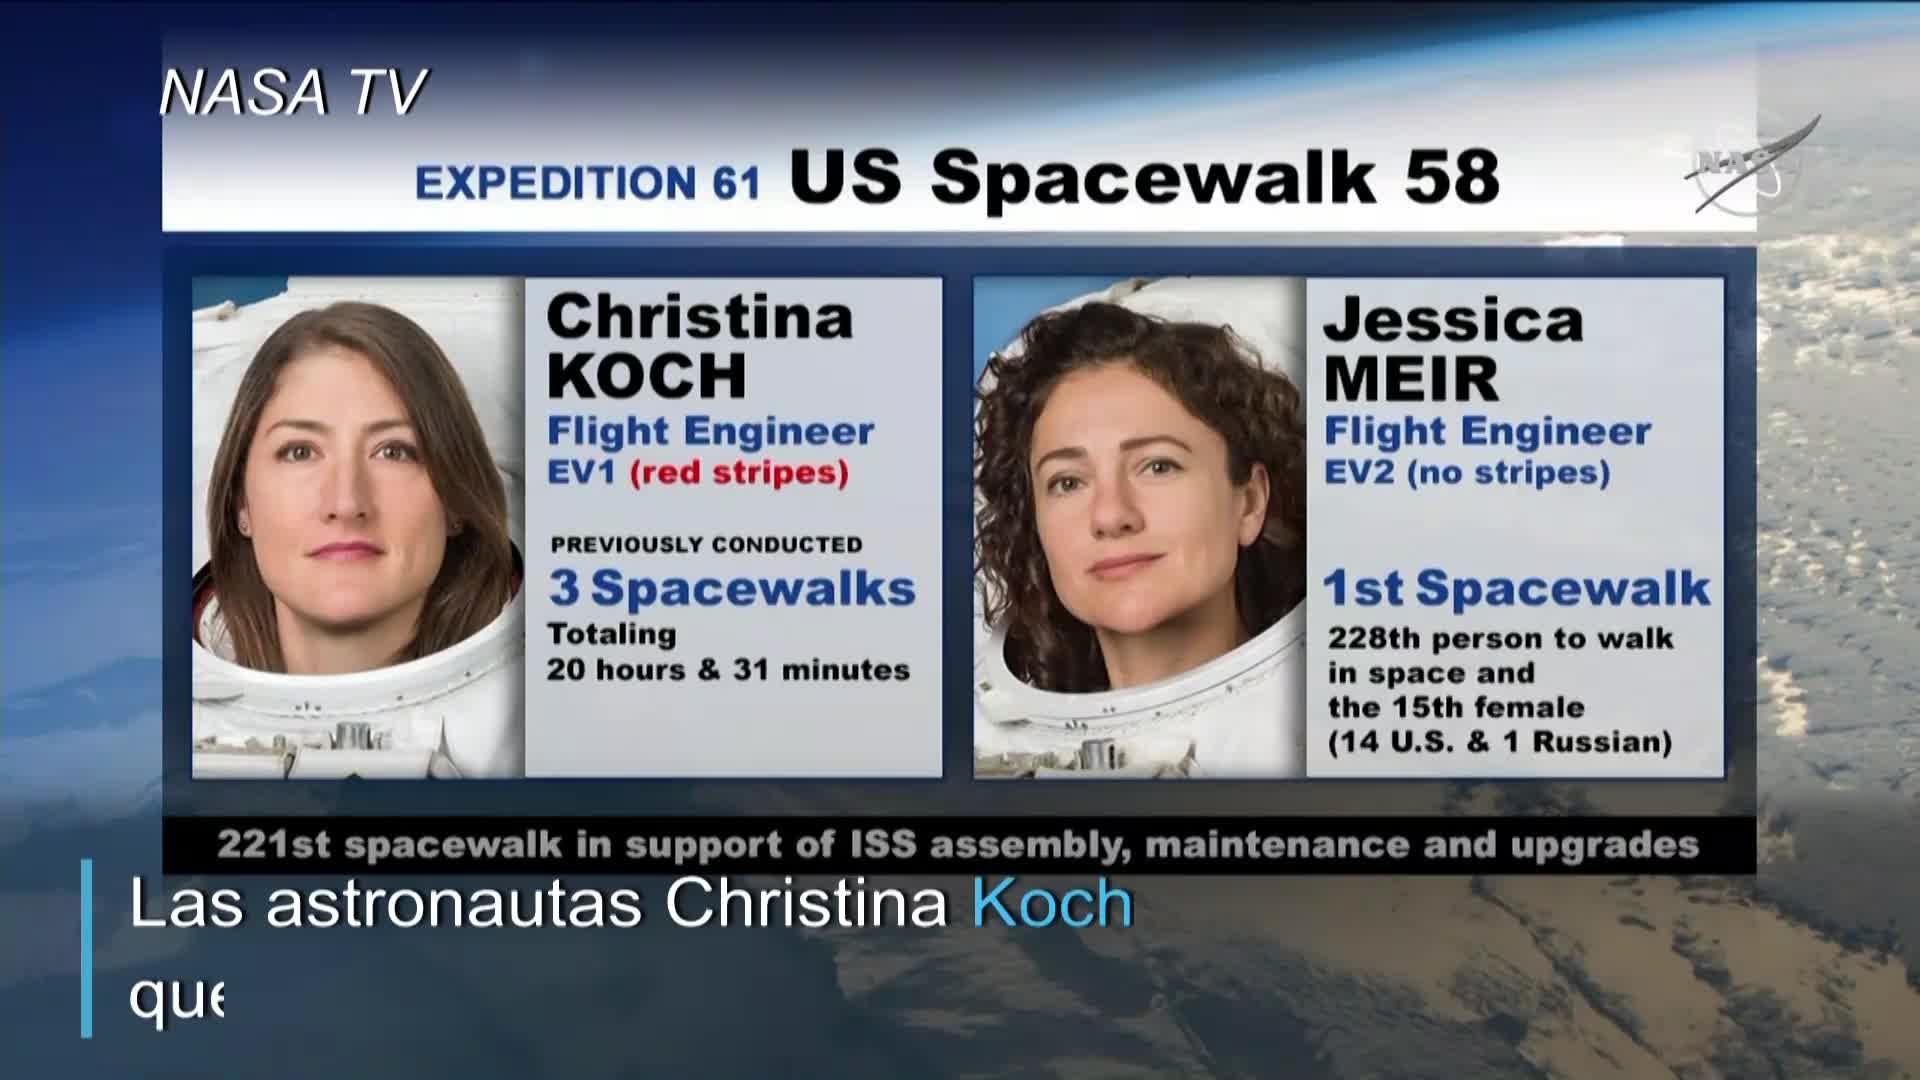 Dos astronautas mujeres en el espacio: la histórica caminata espacial de la NASA